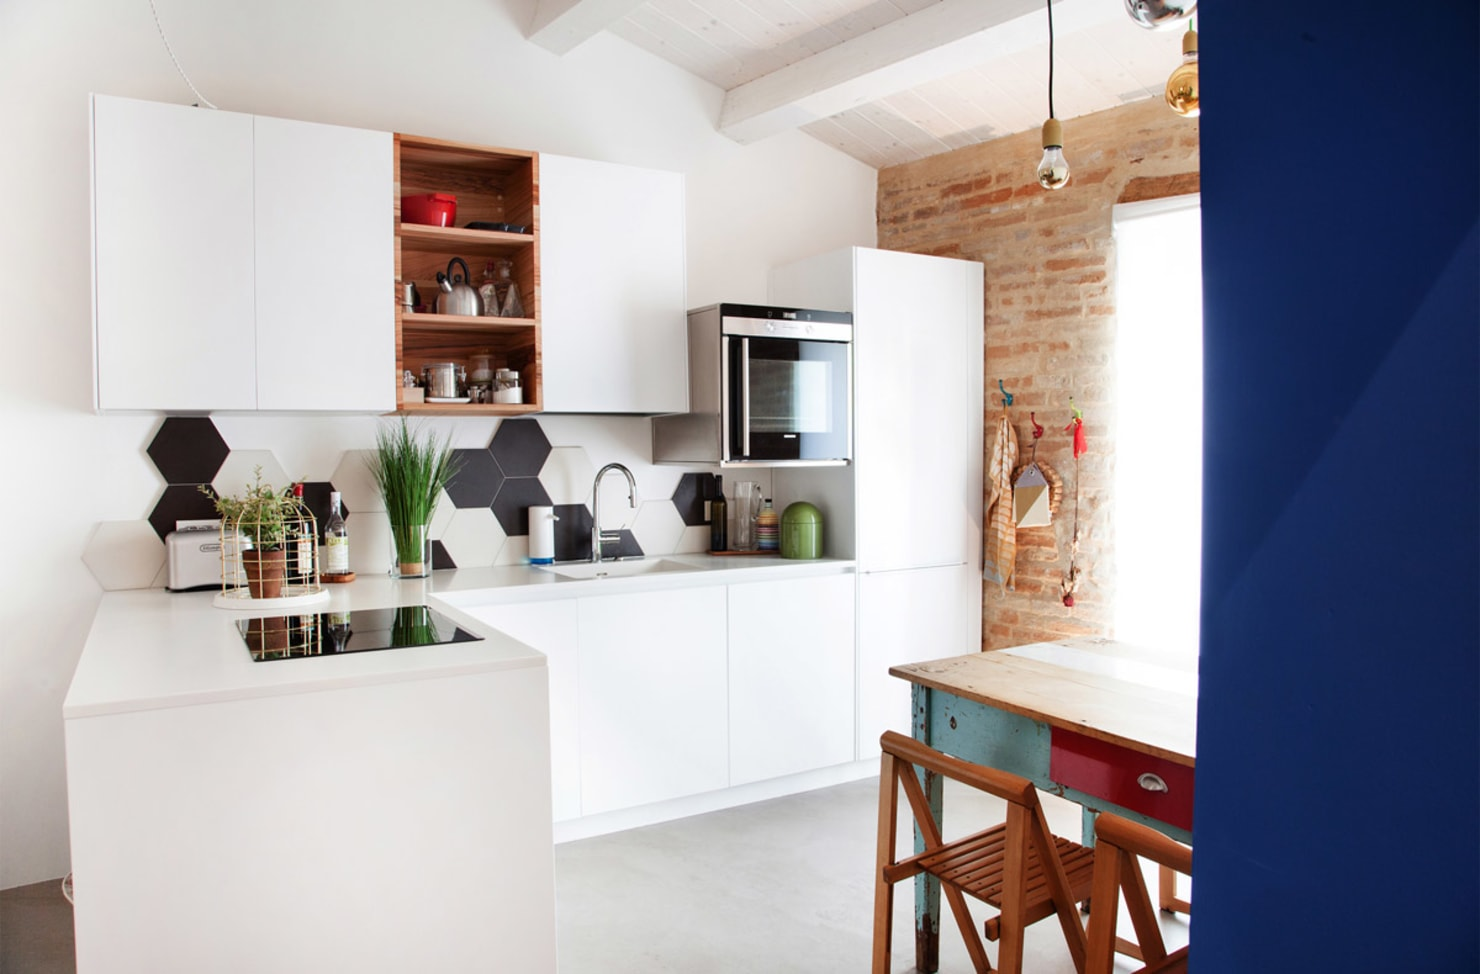 5 astuces pour garder votre maison propre et améliorer votre santé